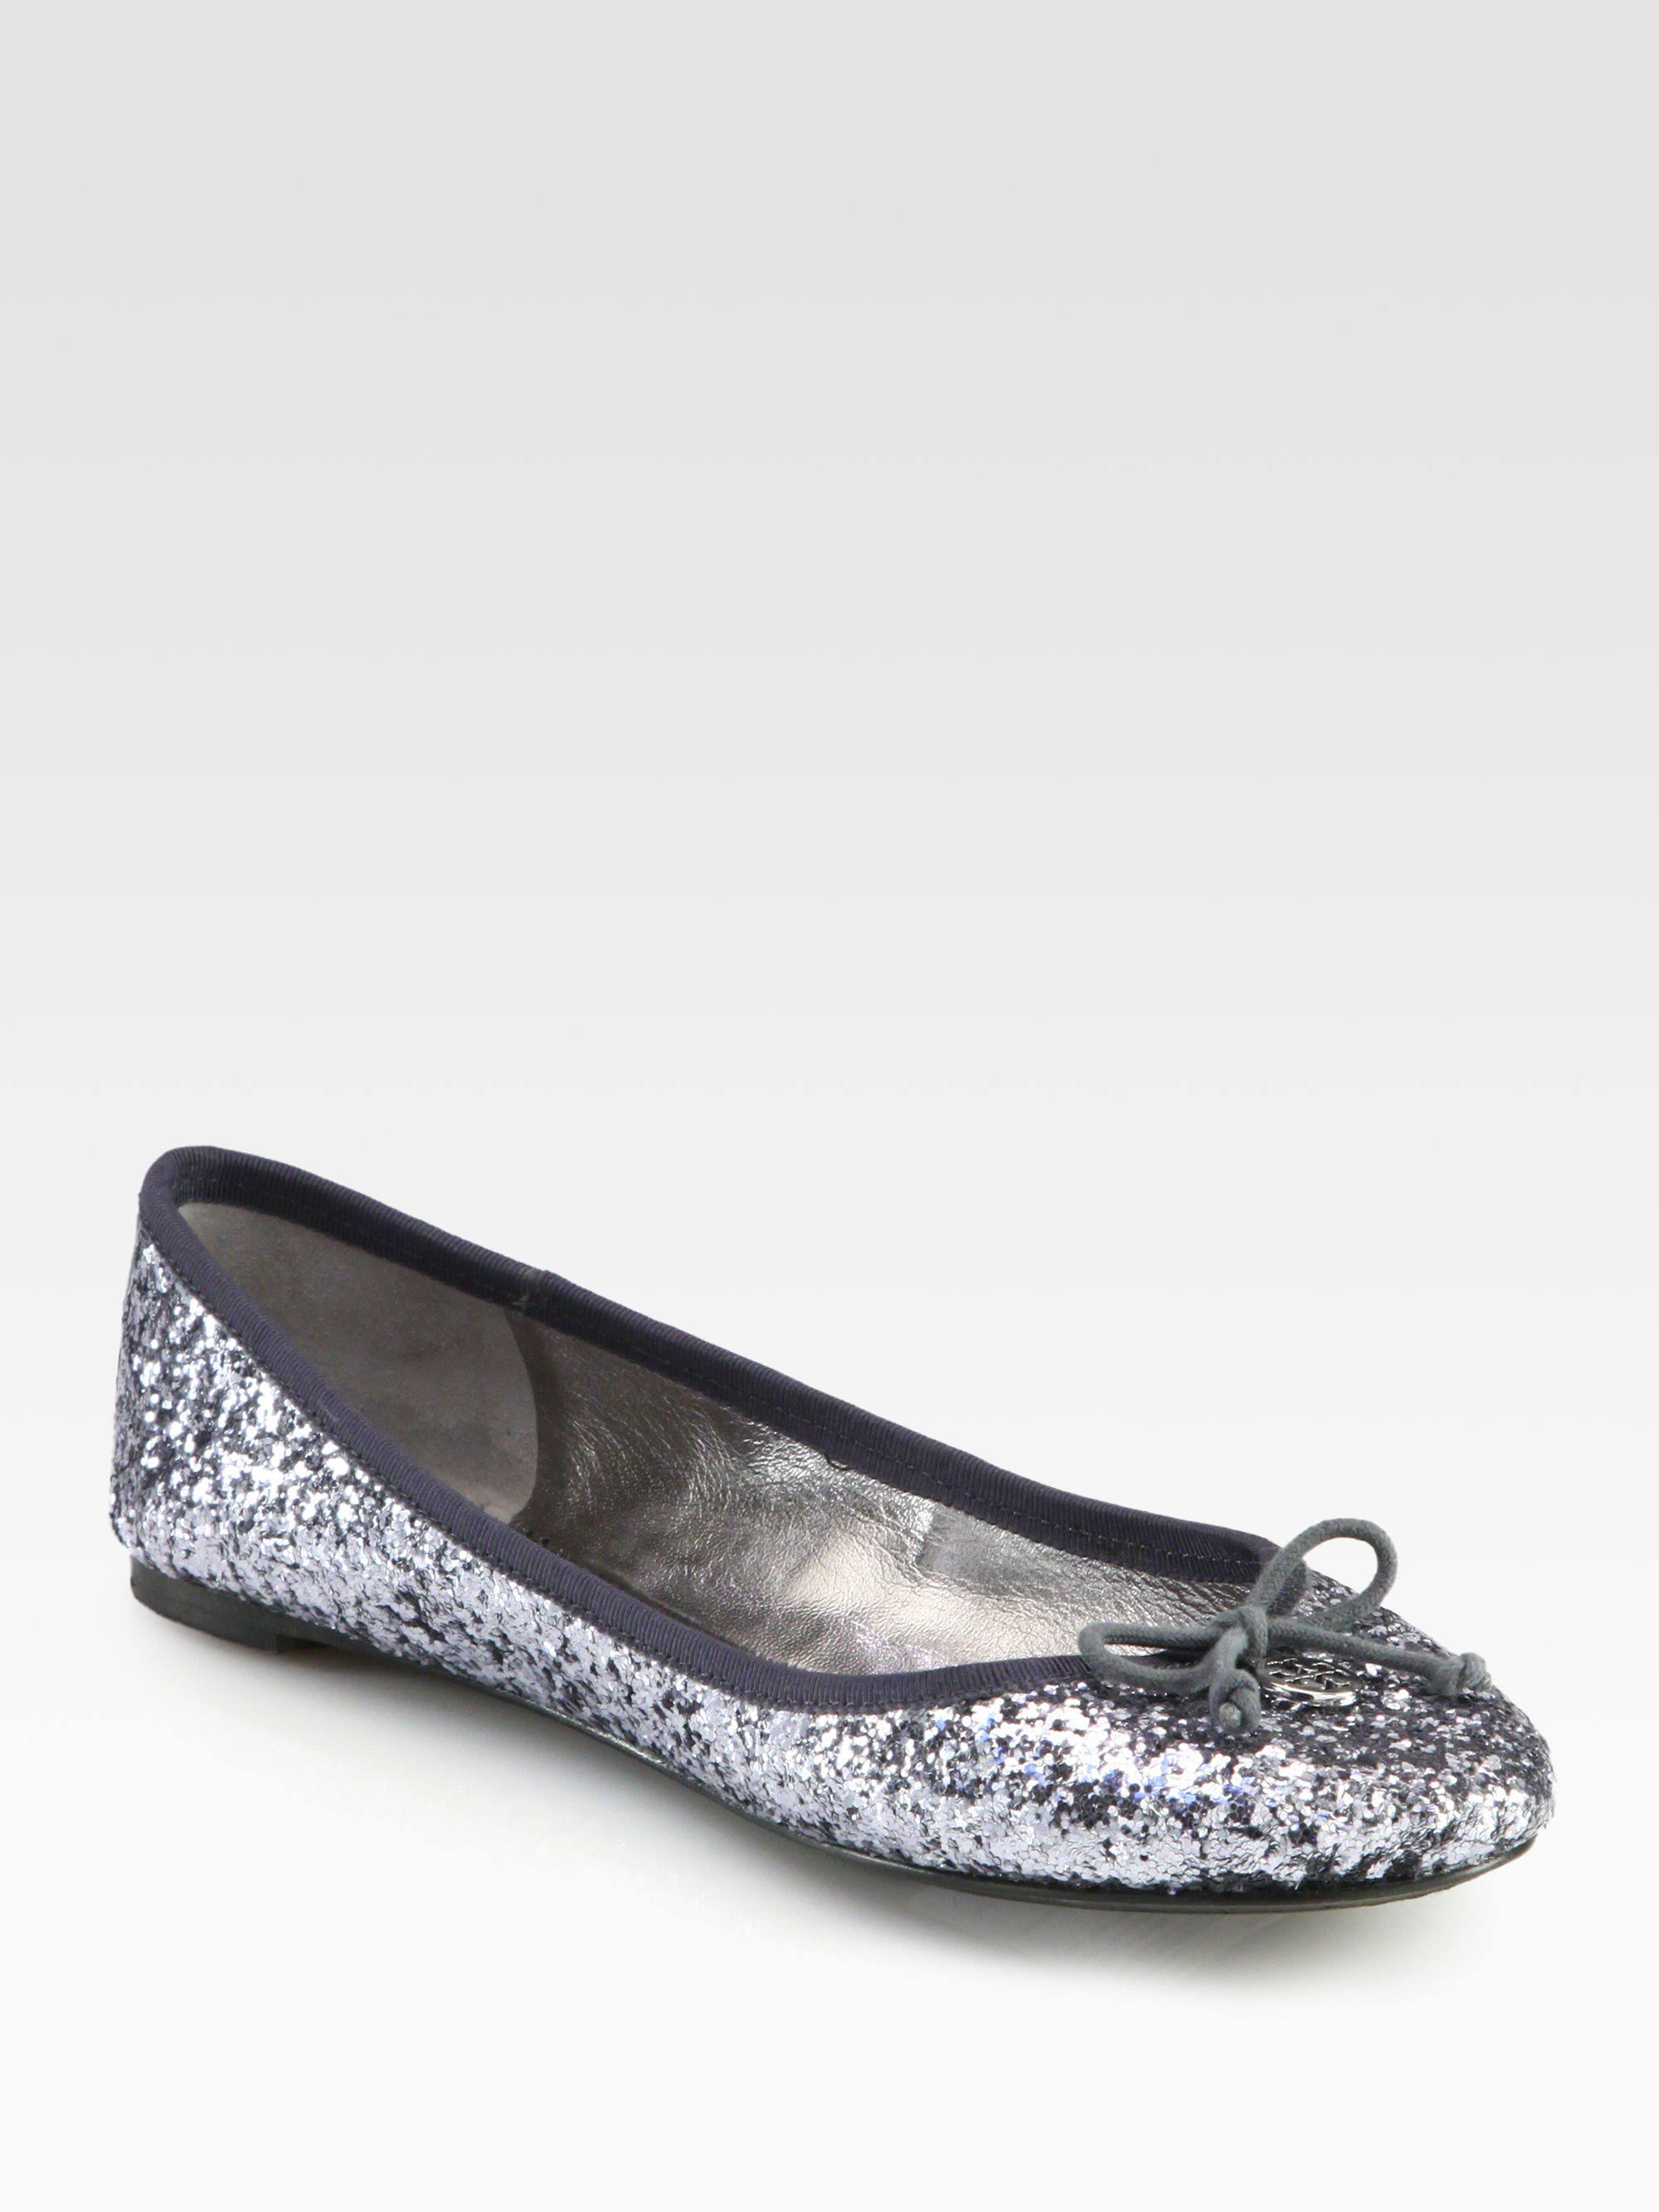 53f1a37fe81 Lyst - Tory Burch Chelsea Glitter Ballet Flats in Metallic